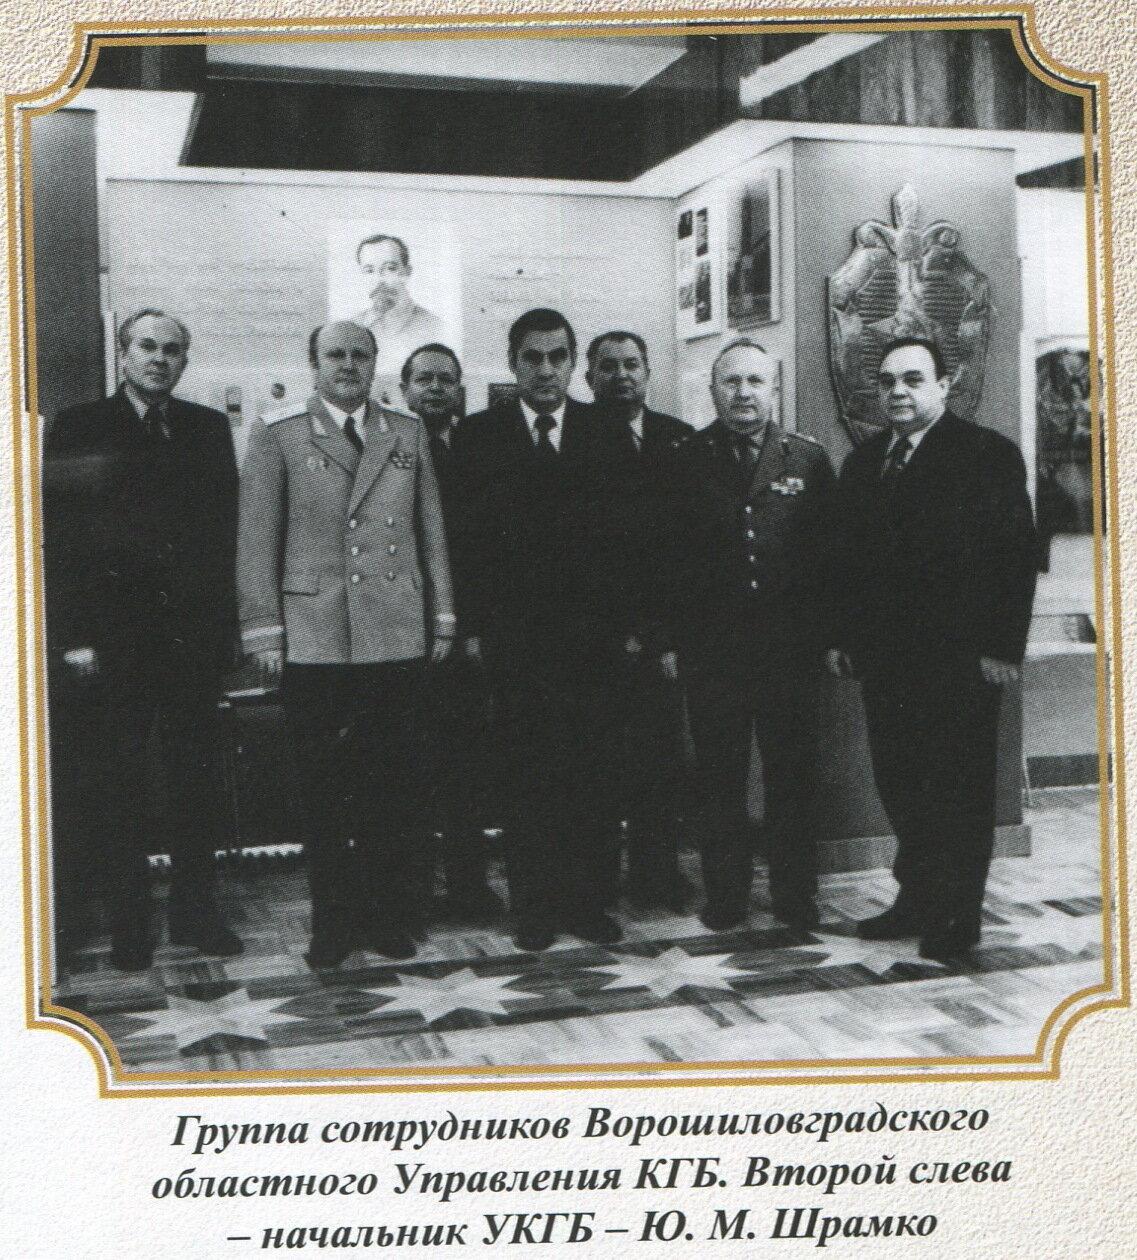 Сотрудники УКГБ по Ворошиловградской области